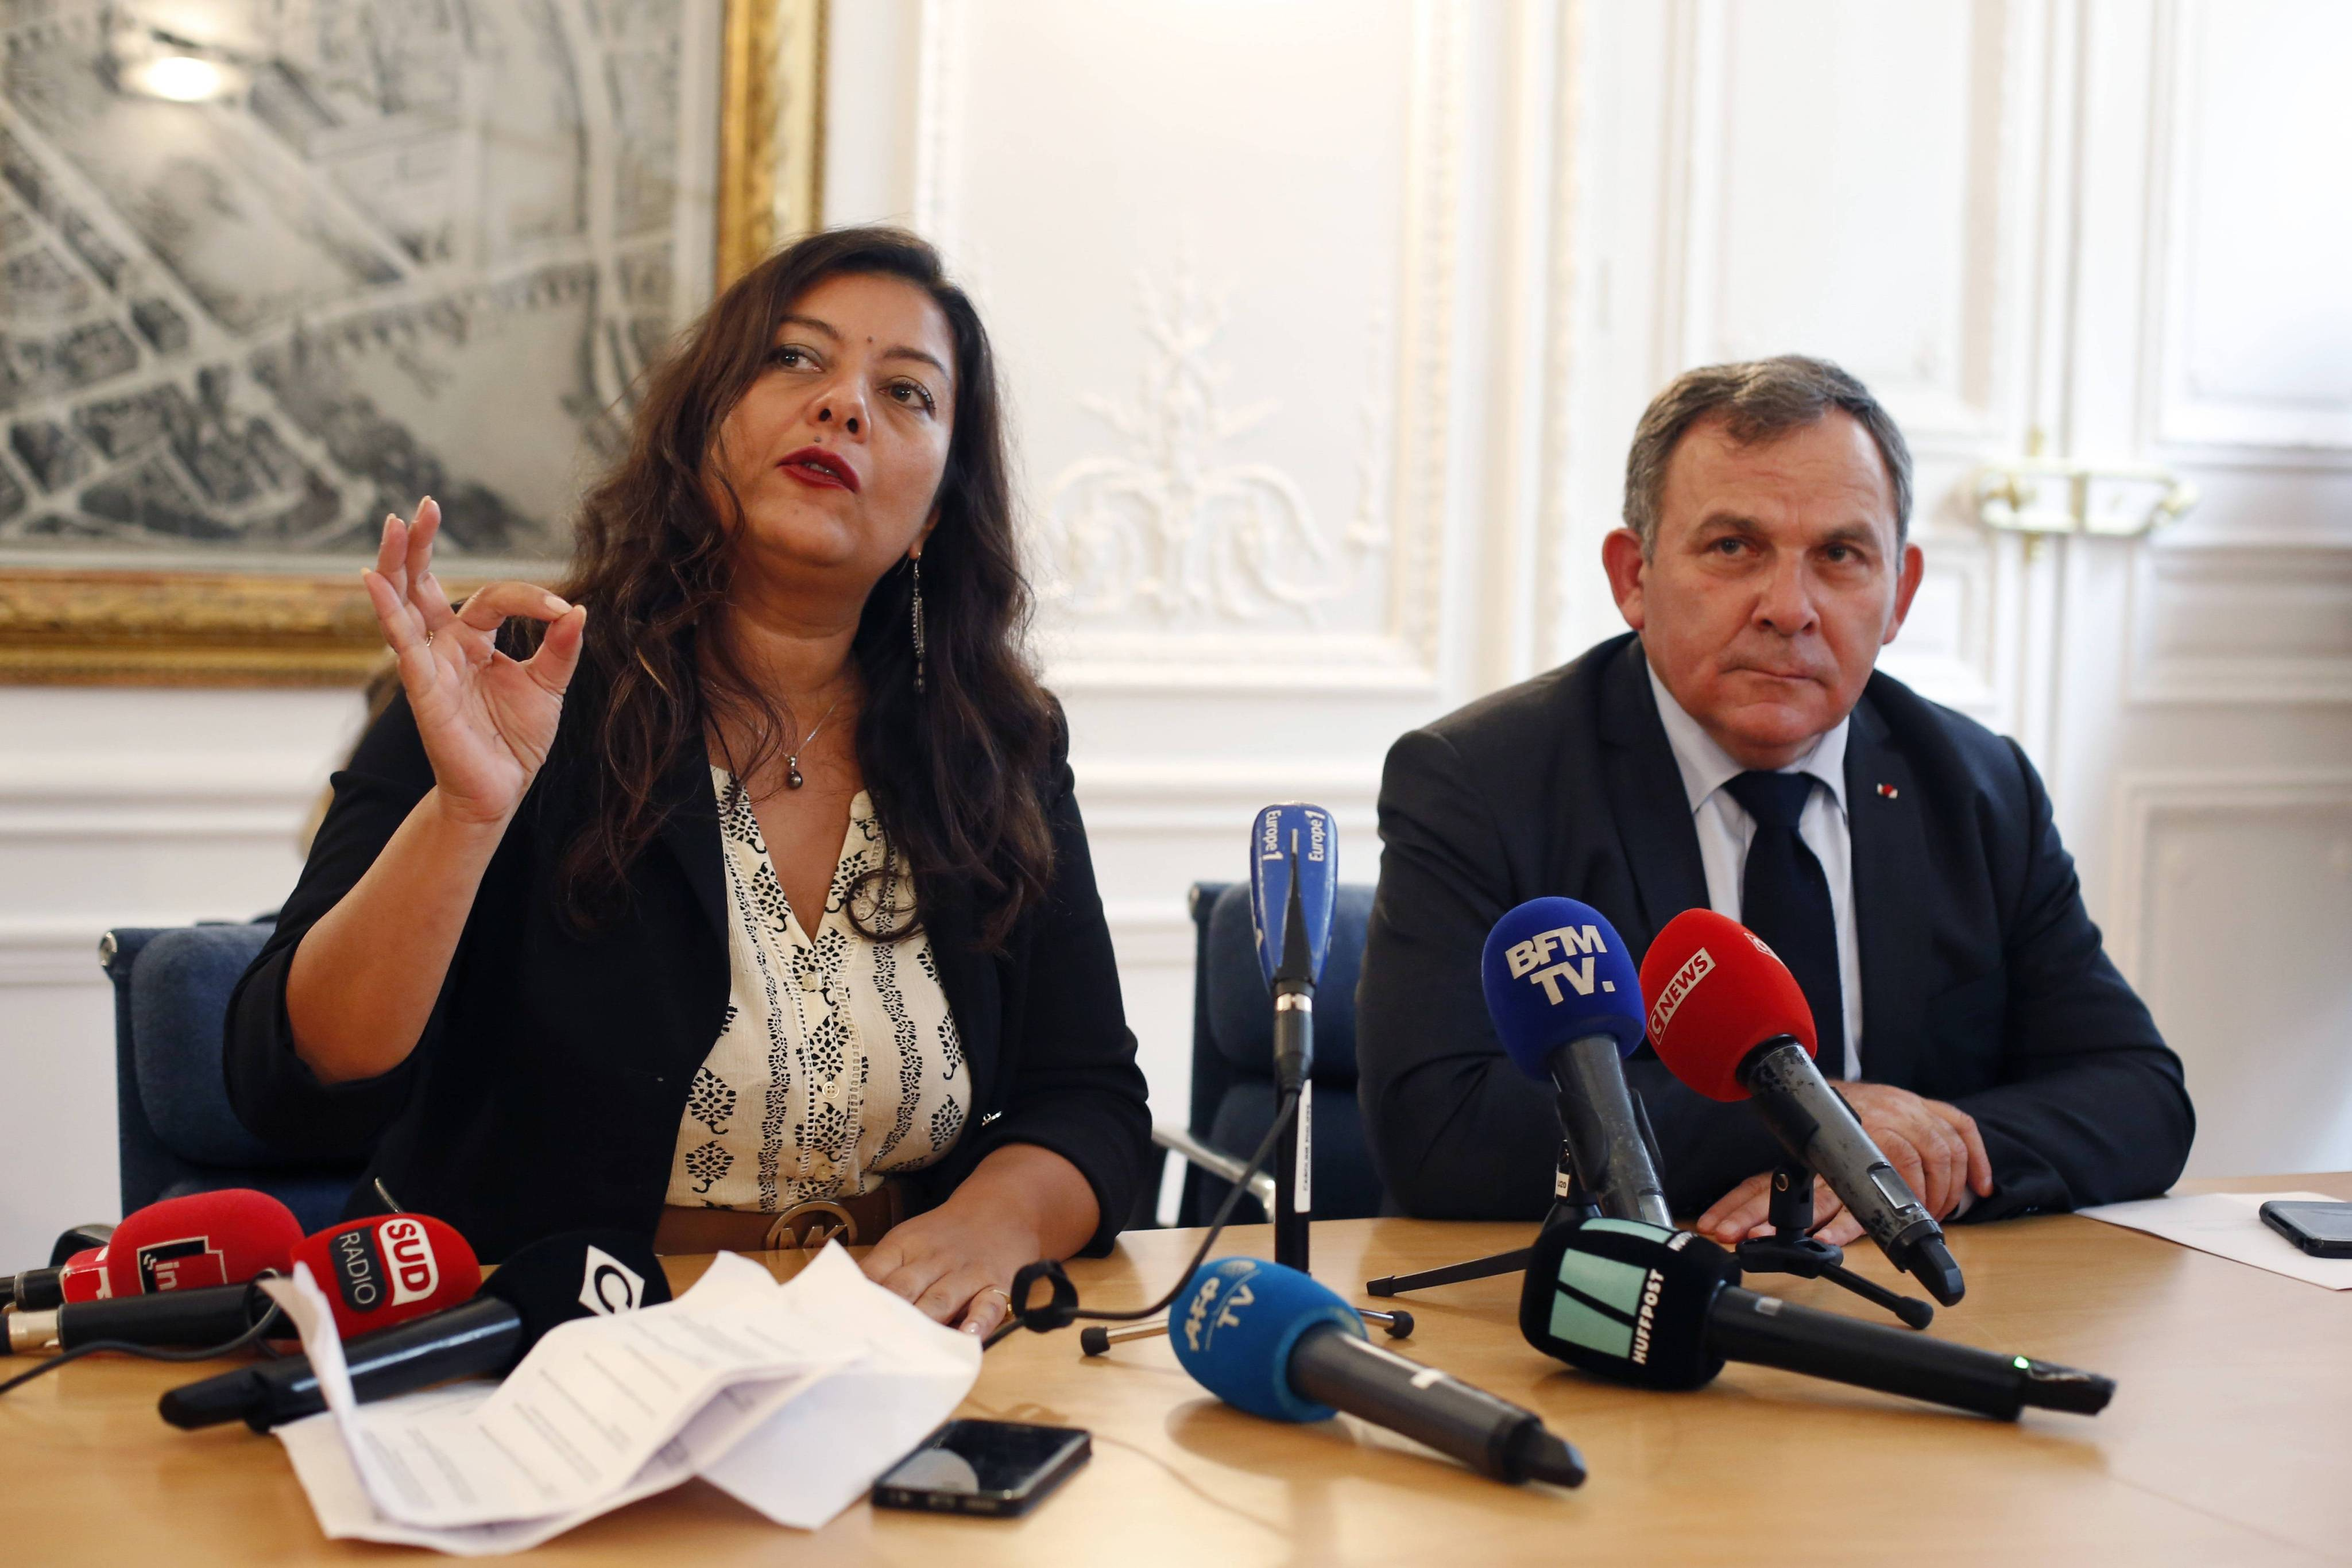 Sandra Muller, l'initiatrice de #BalanceTonPorc, et Francis Szpiner, son avocat. (archives)